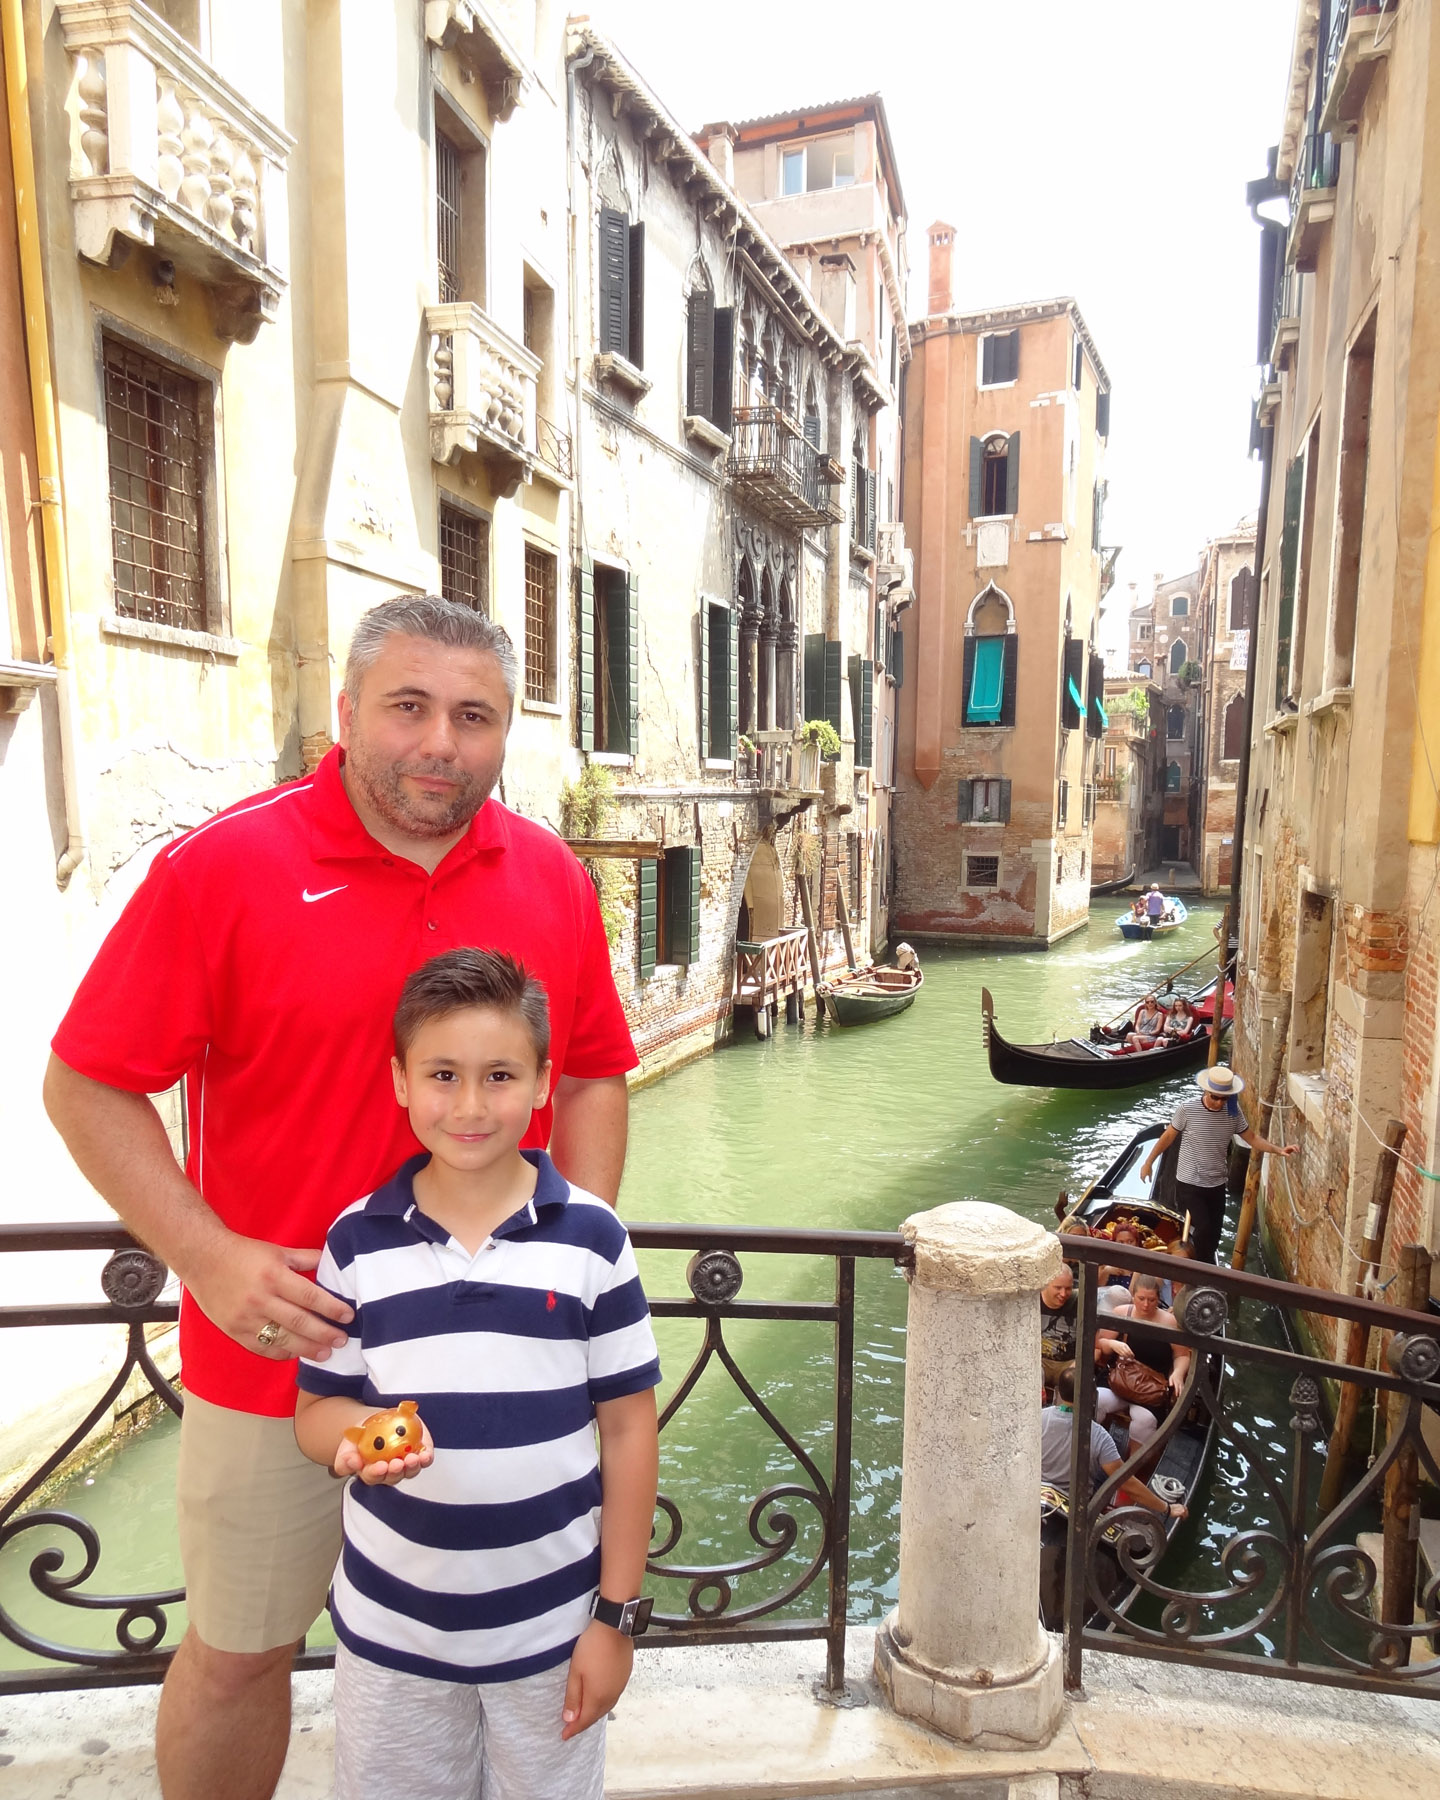 Marco Polo's Home, Venice, Italy 2015